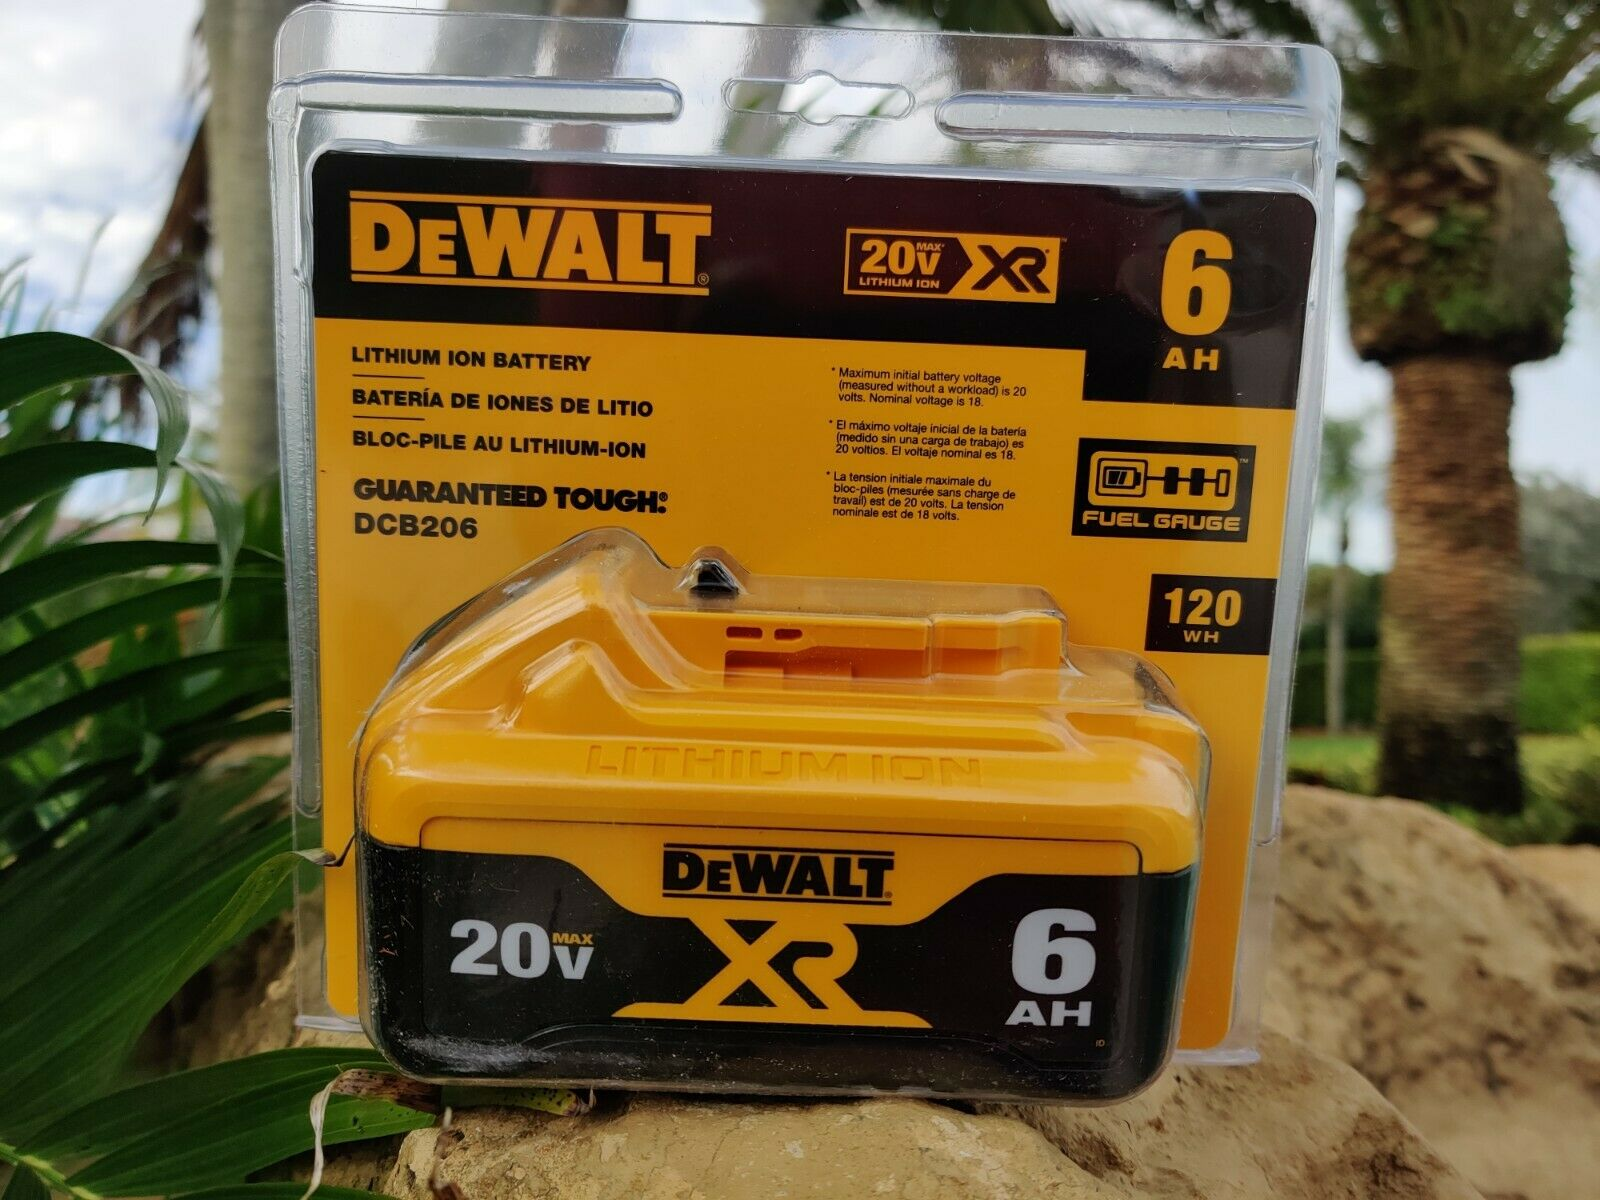 Genuine DeWalt DCB206 20V 20 Volt 6 Amp Lithium Ion Battery XR 20 VOLT Sealed Pk - $46.00